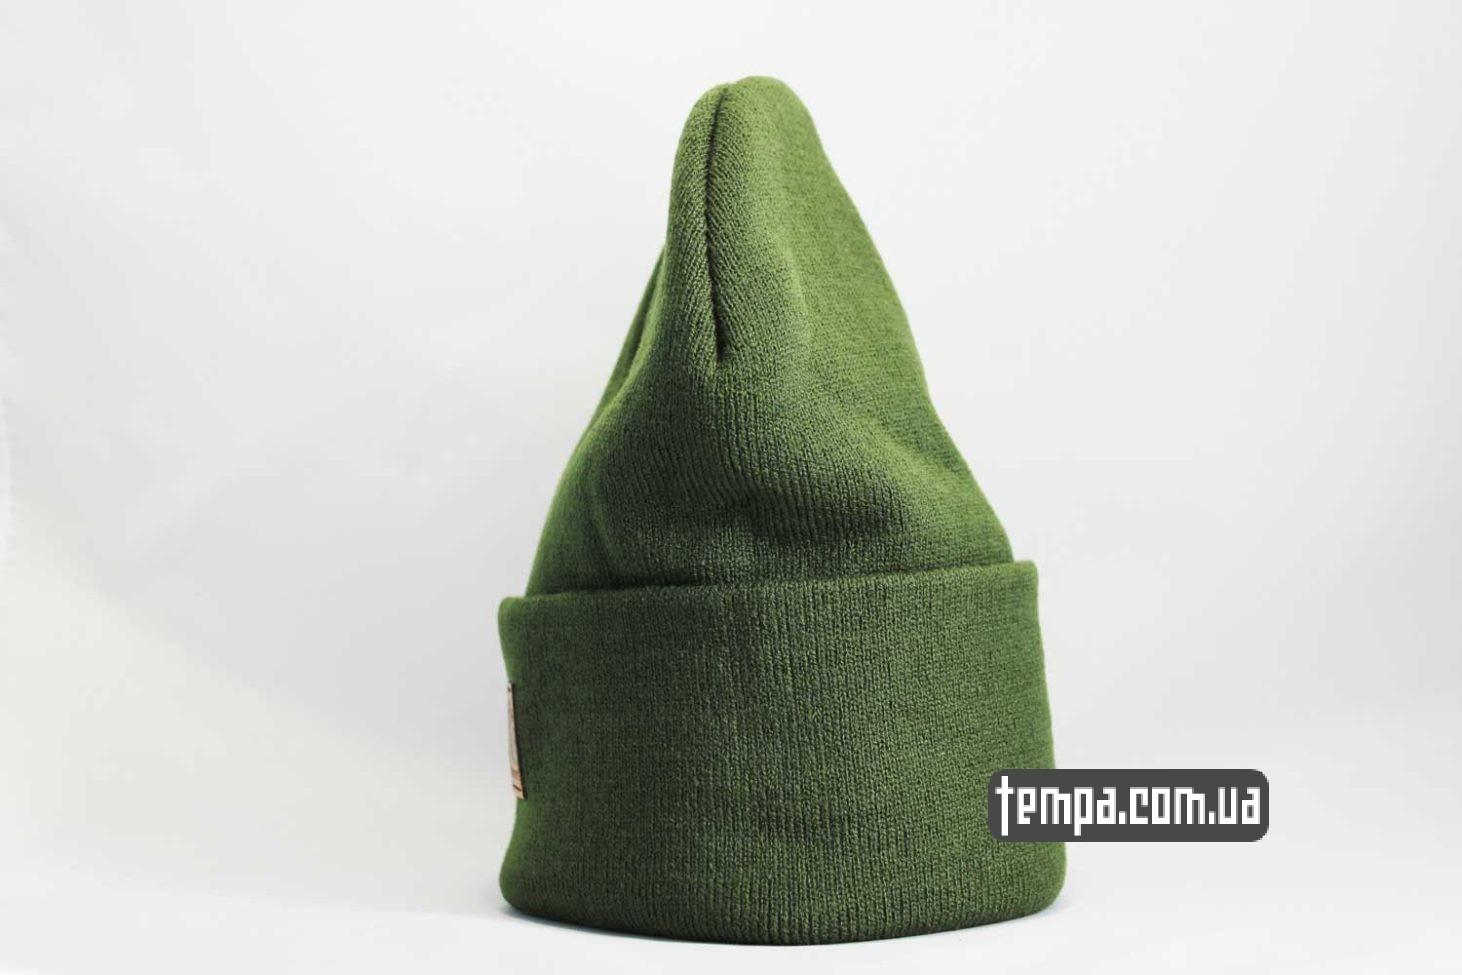 хаки цвет шапка beanie Carhartt кожаная зеленая с логотипом